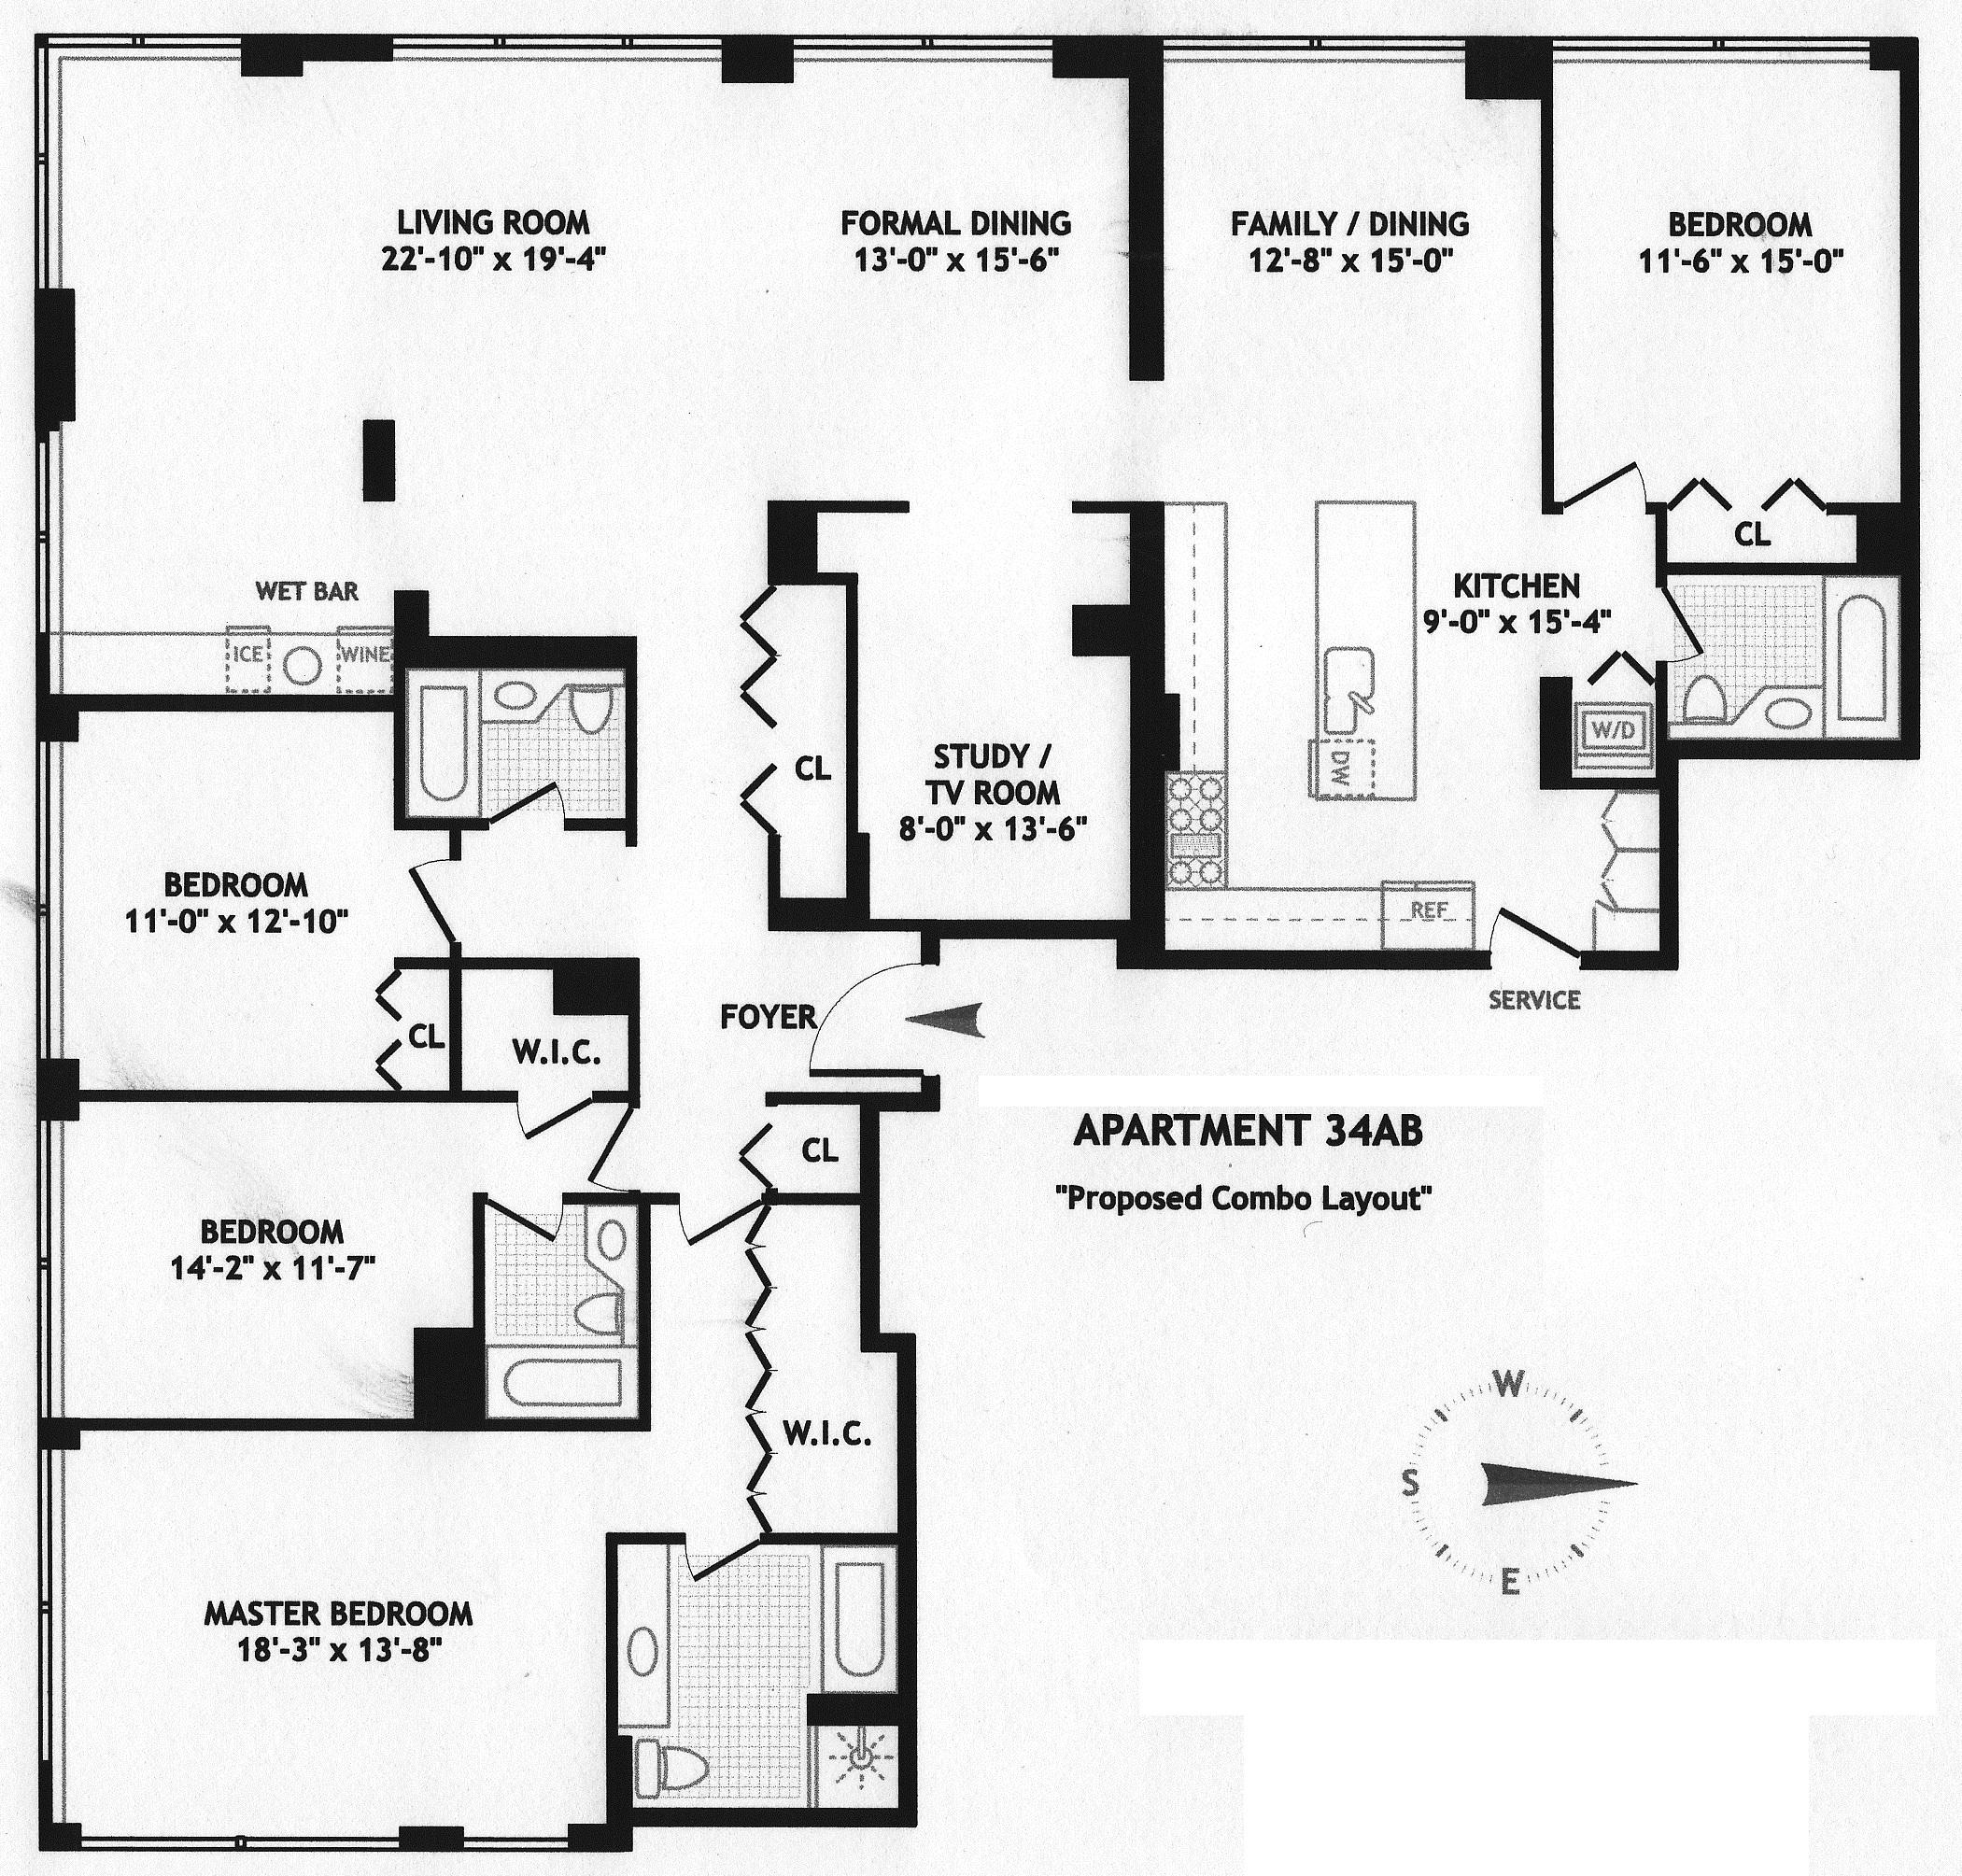 floor plans over 3000 sq ft